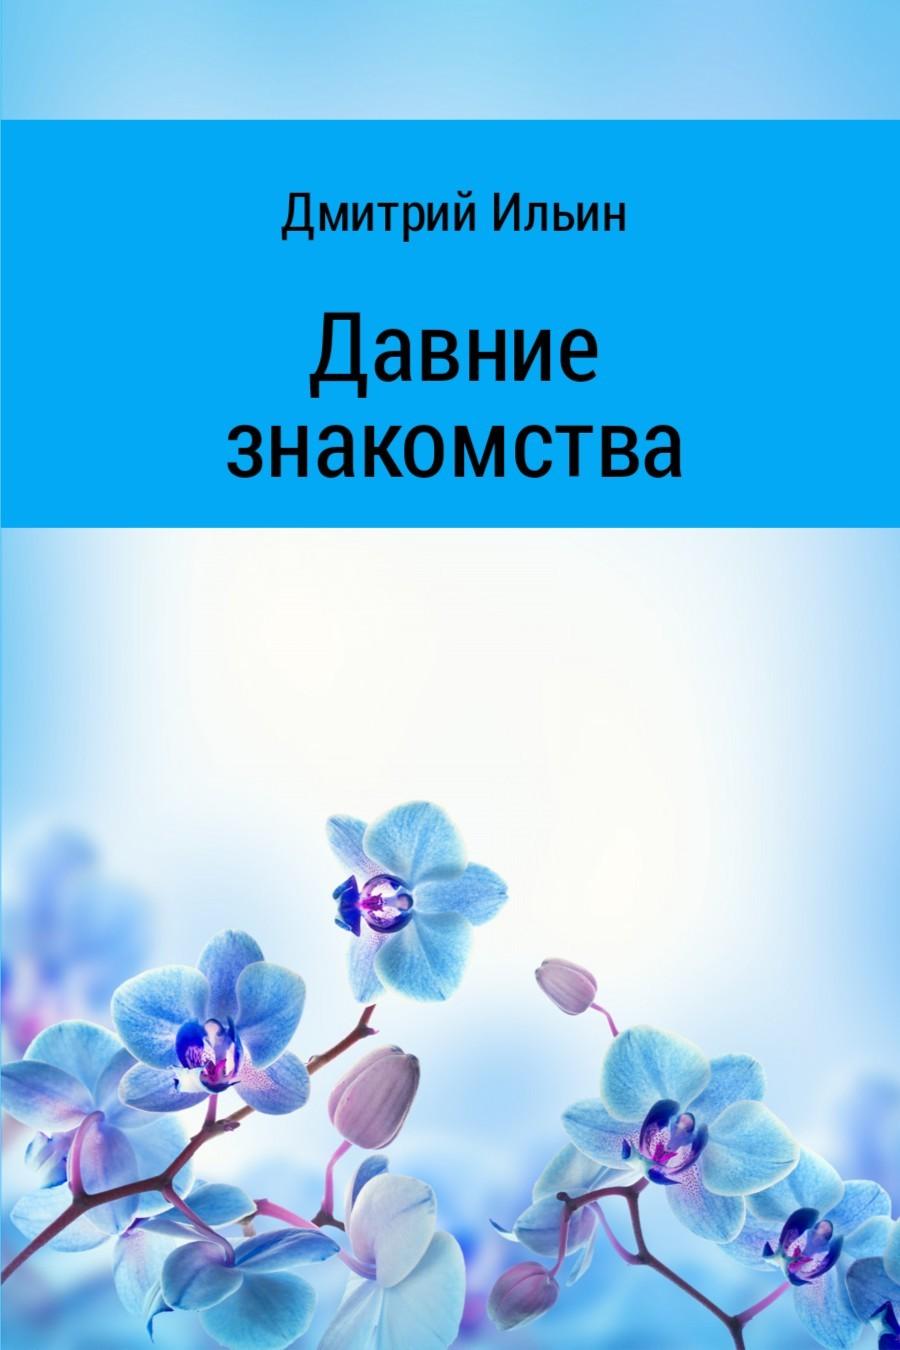 Дмитрий Ильин бесплатно